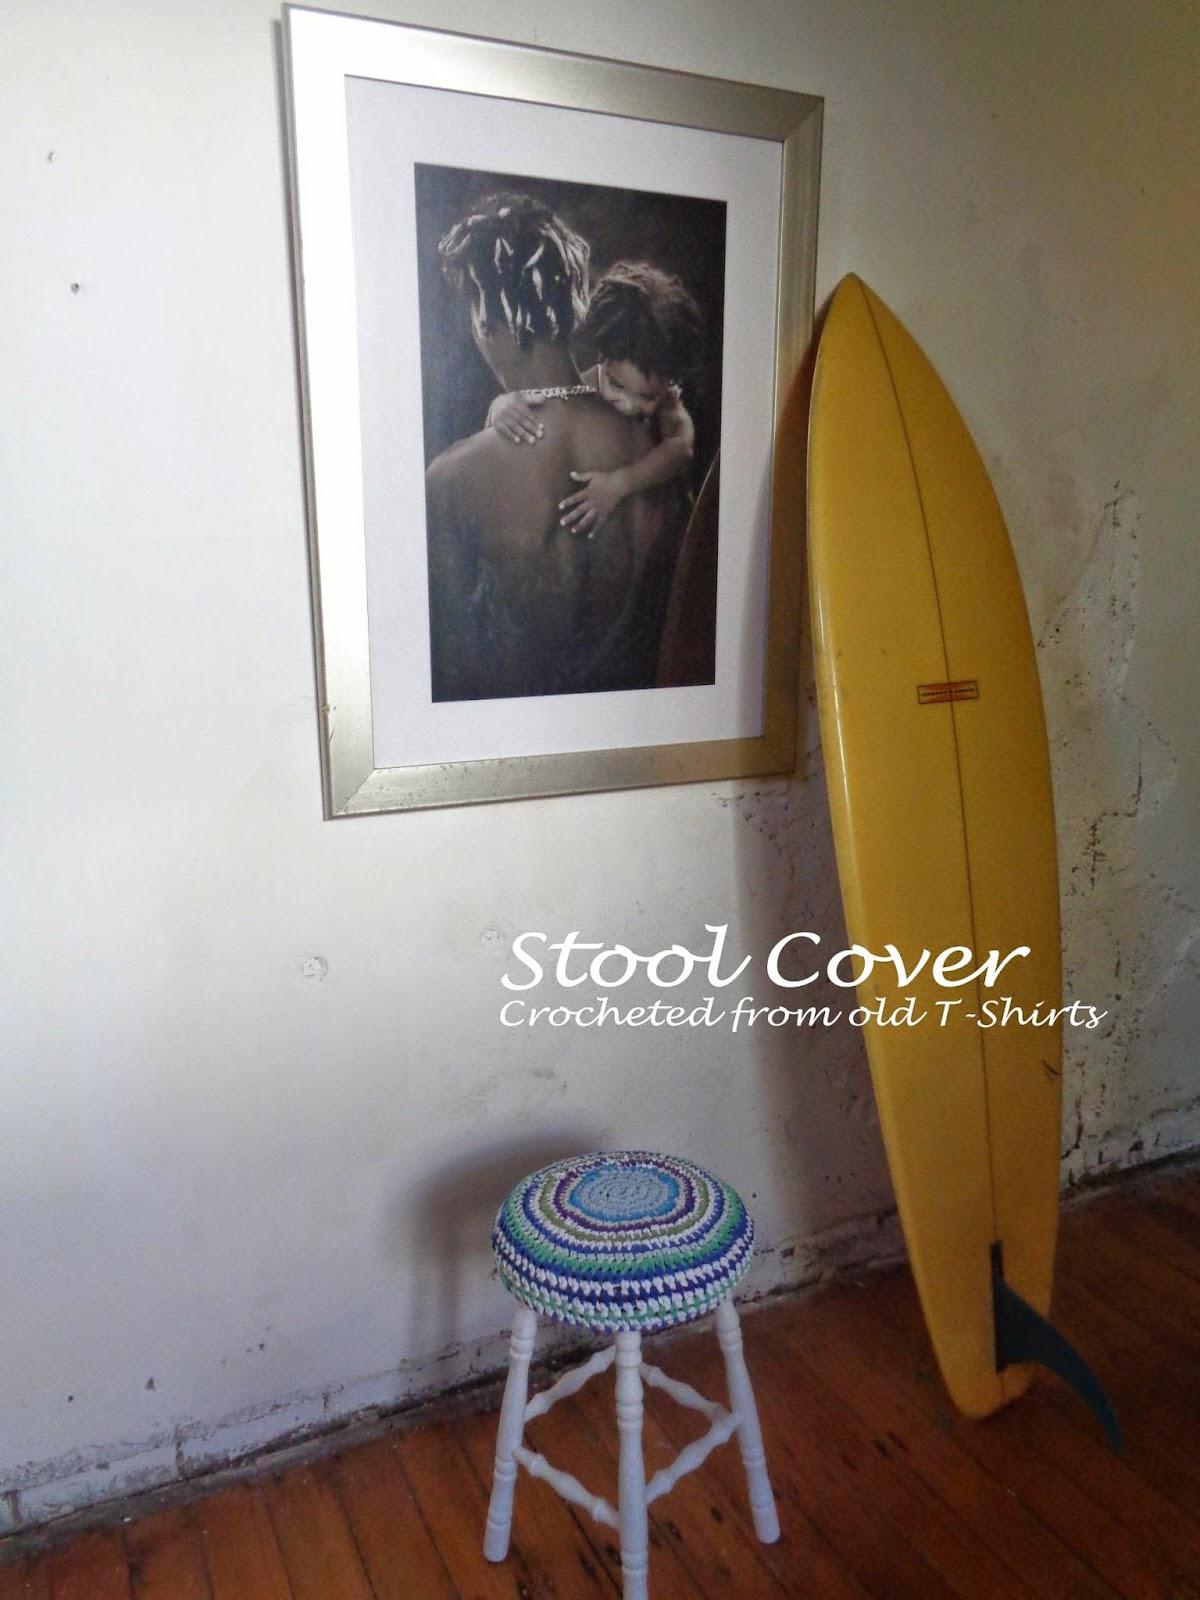 stool cover crochet